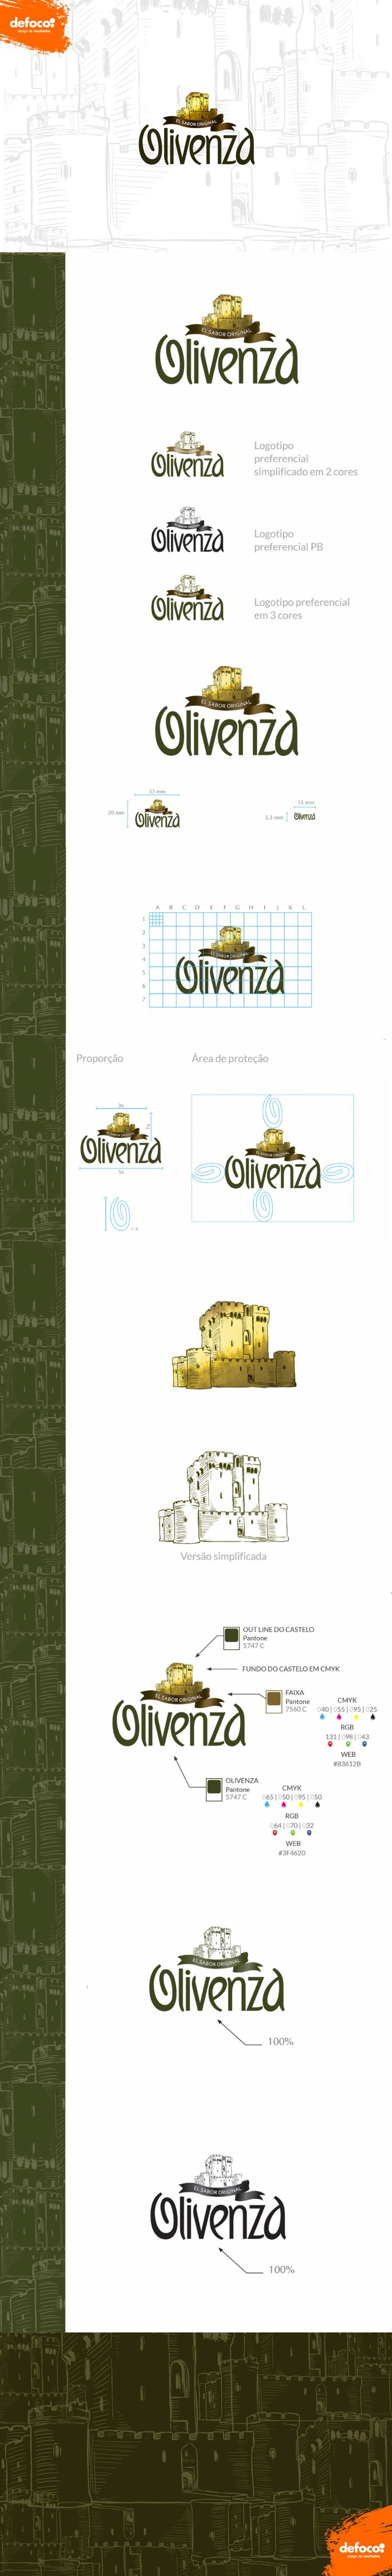 Logo e identidade visual desenvolvidos pela DEFOCO para a empresa de alimentos em conserva Olivenza